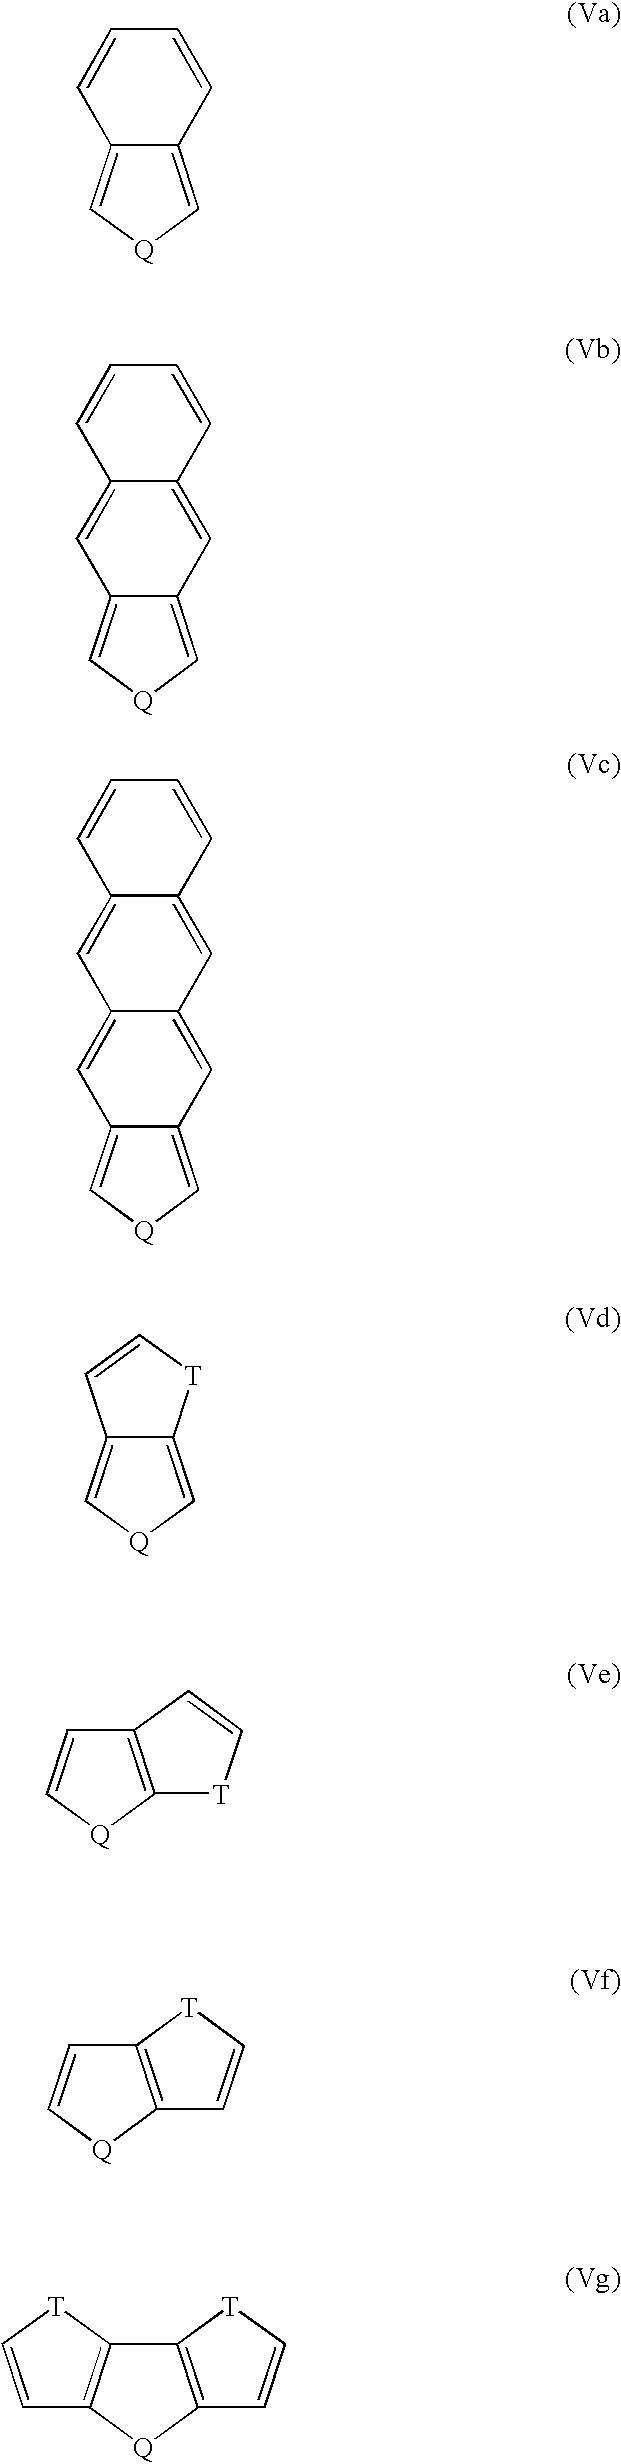 Figure US20070069185A1-20070329-C00006